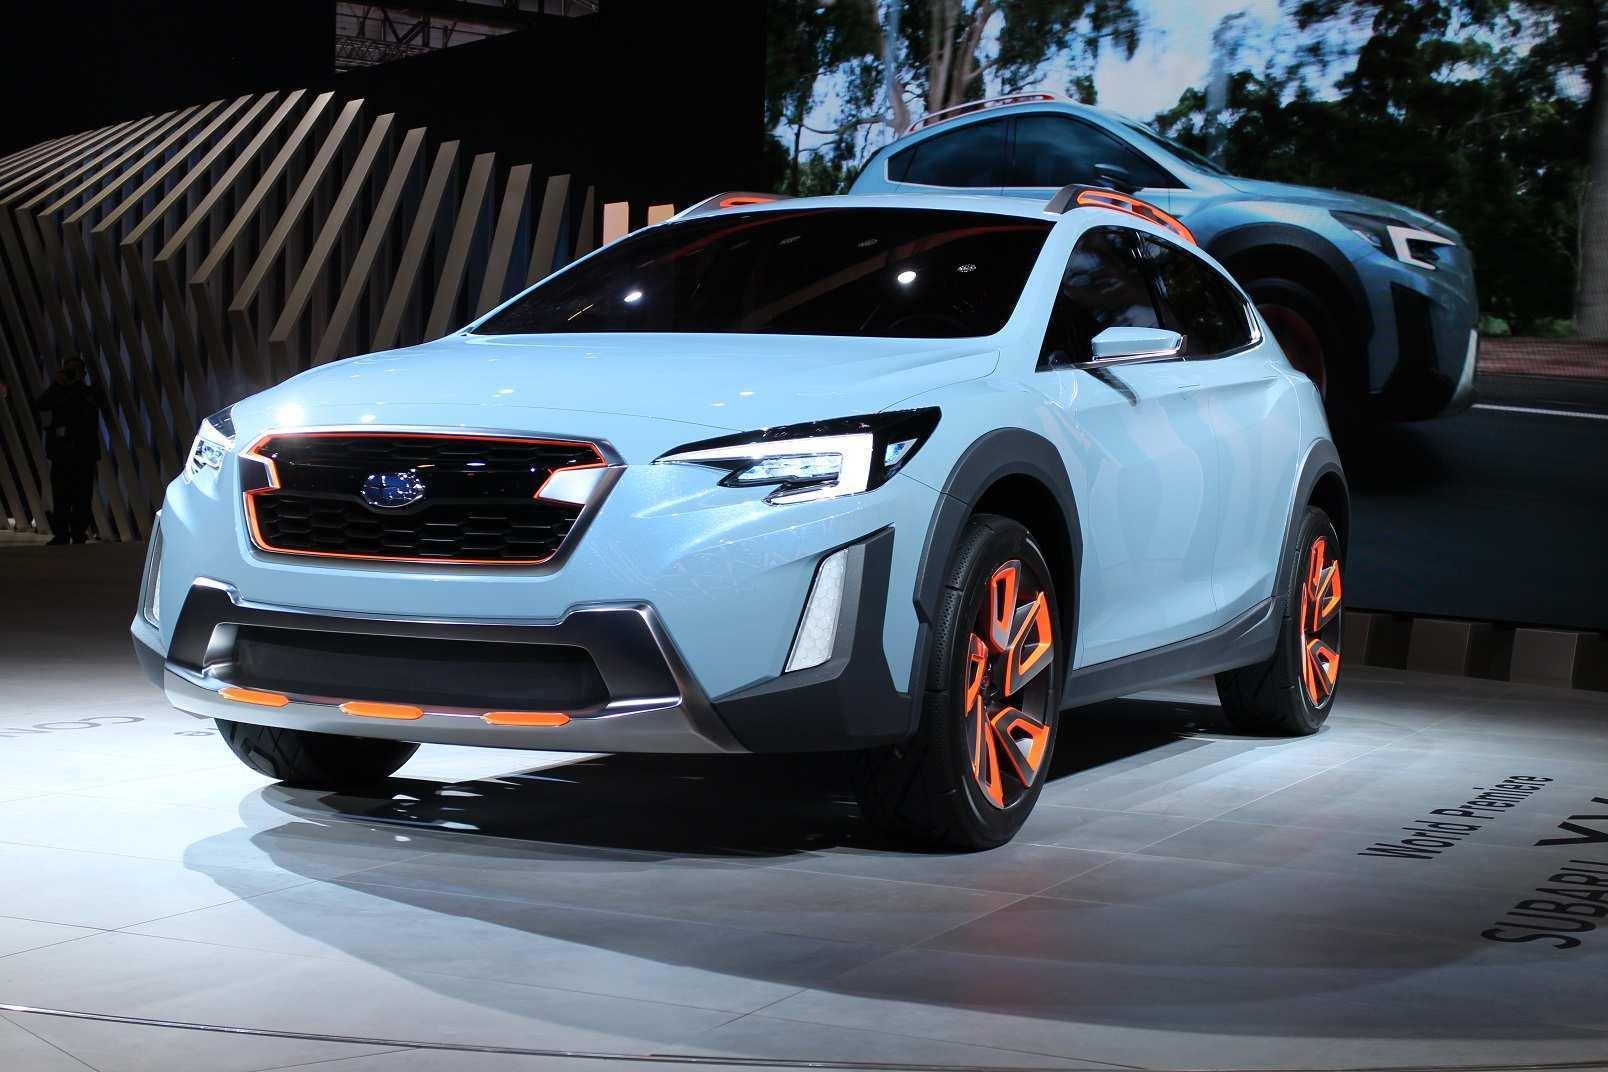 36 New Subaru Xv 2020 New Concept Model by Subaru Xv 2020 New Concept